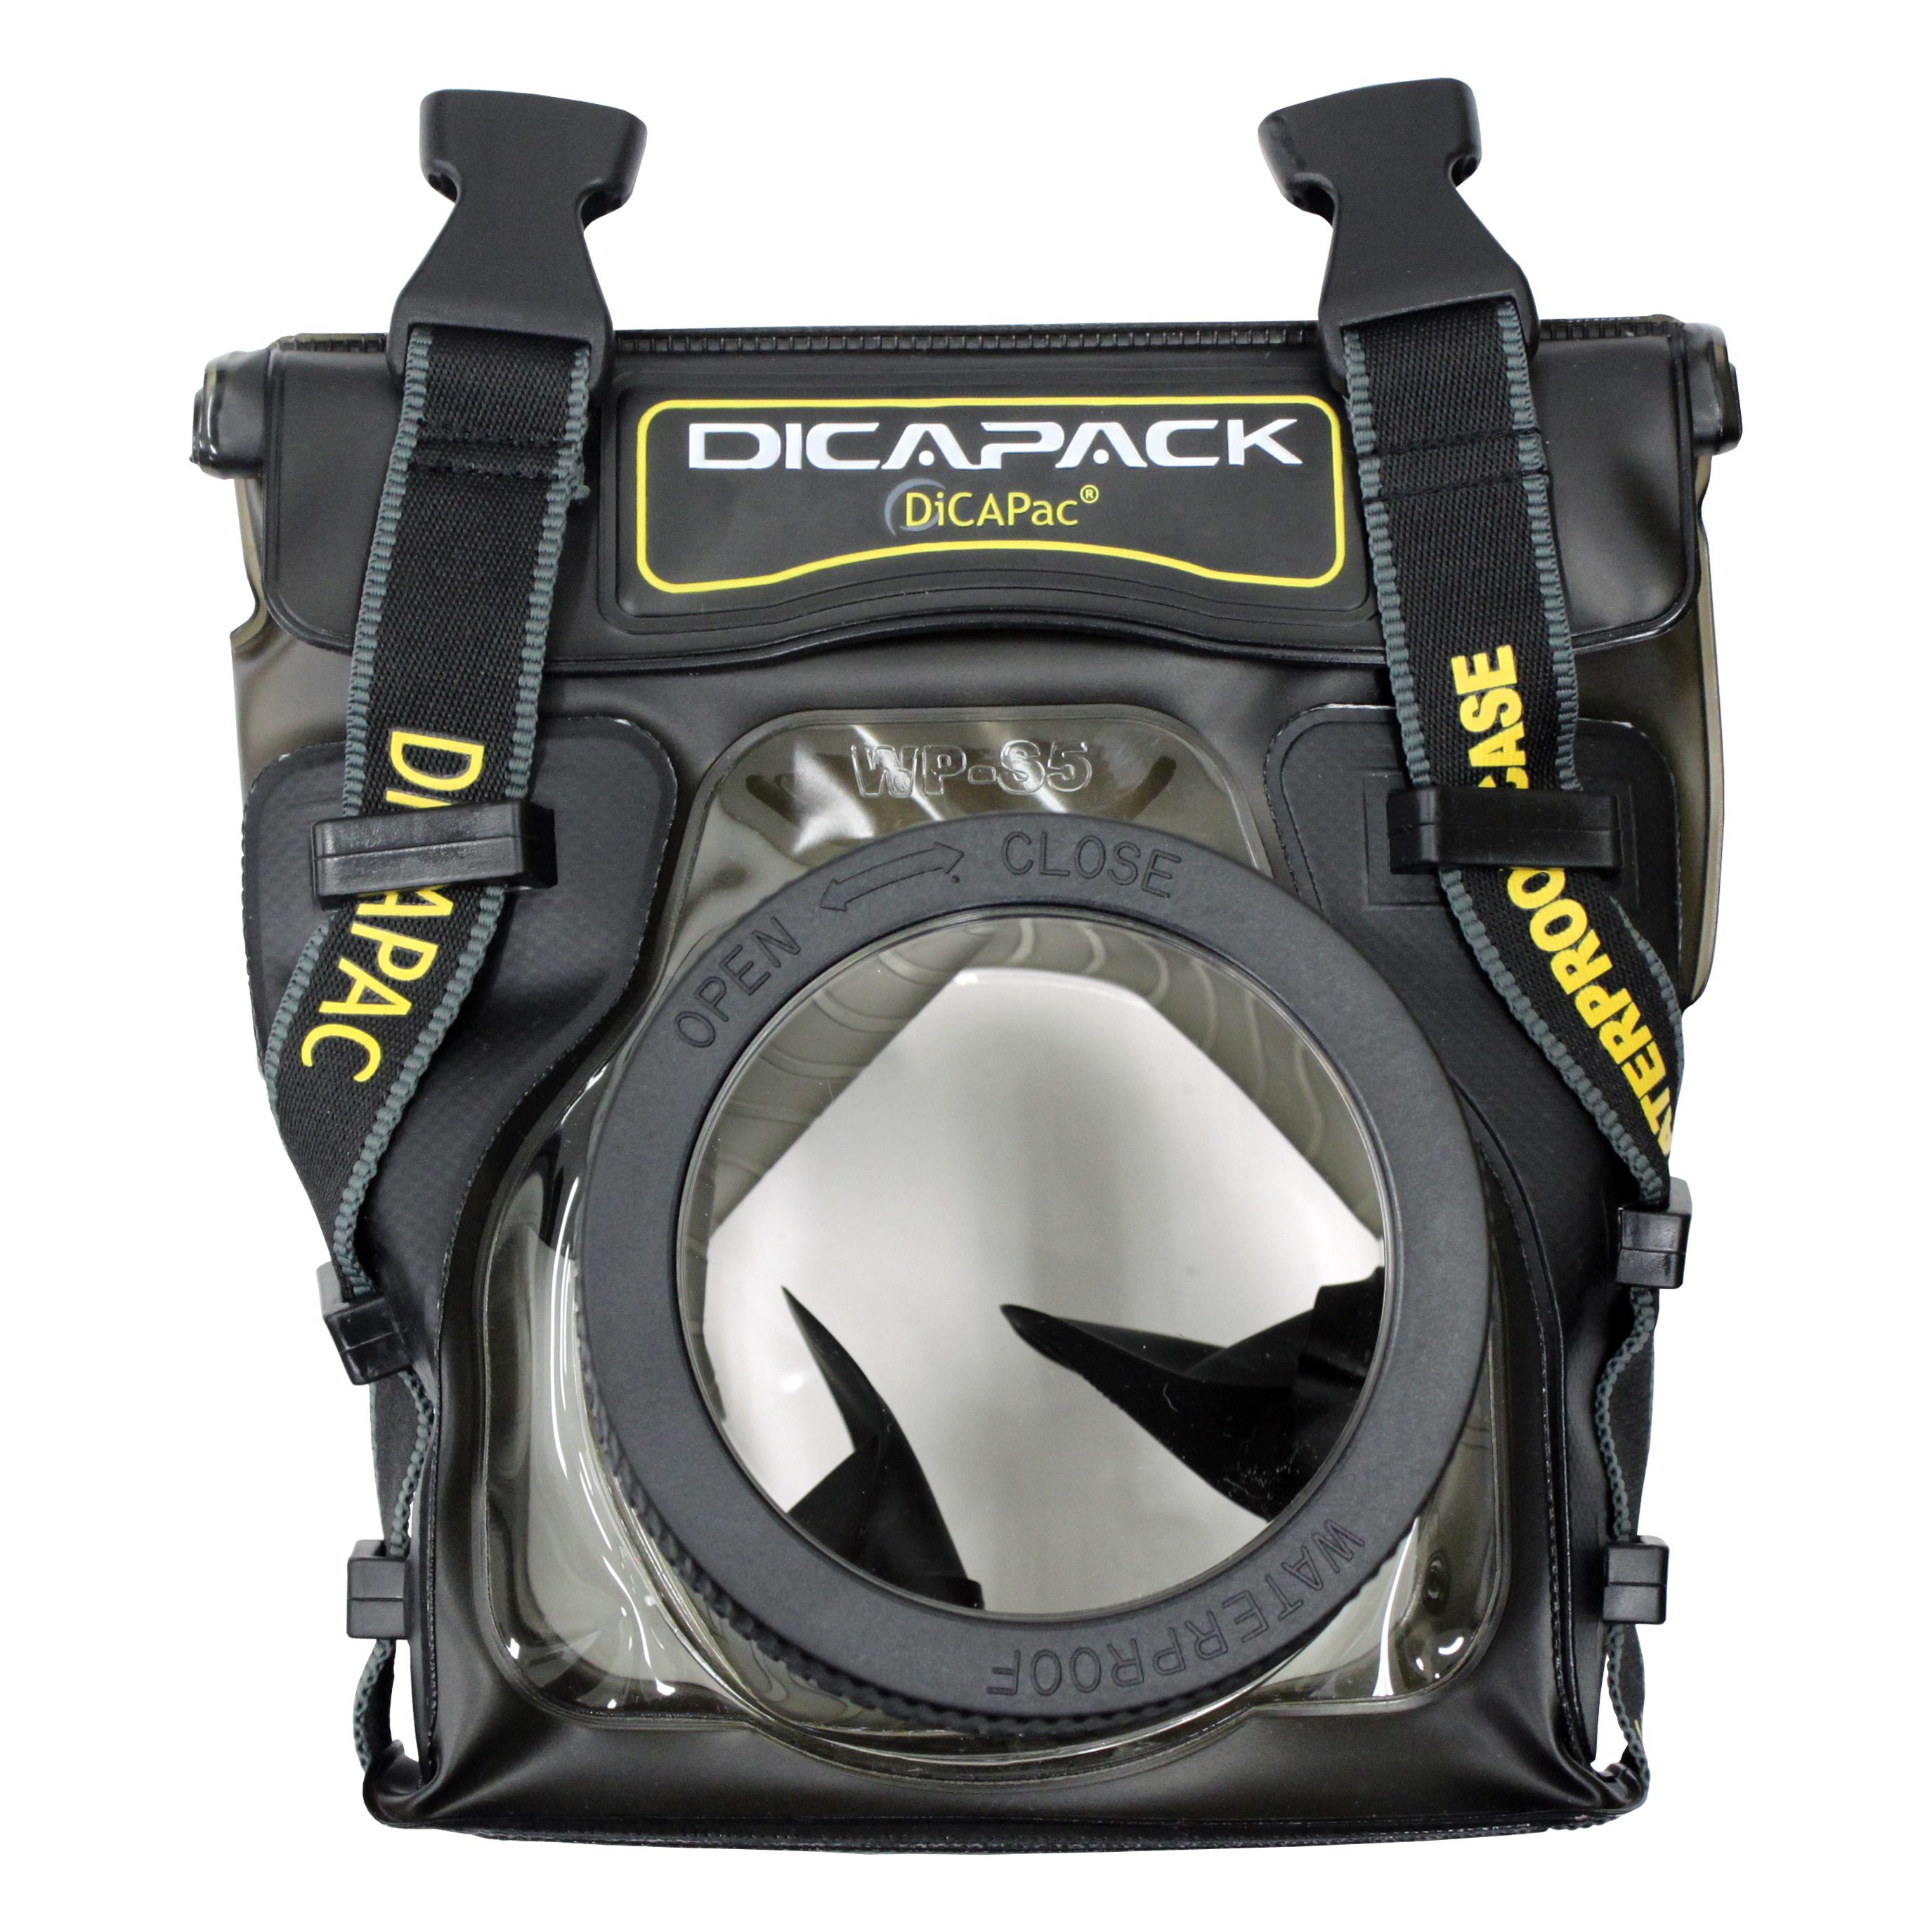 ディカパックα WP-S5(一眼レフカメラ用防水ケース)